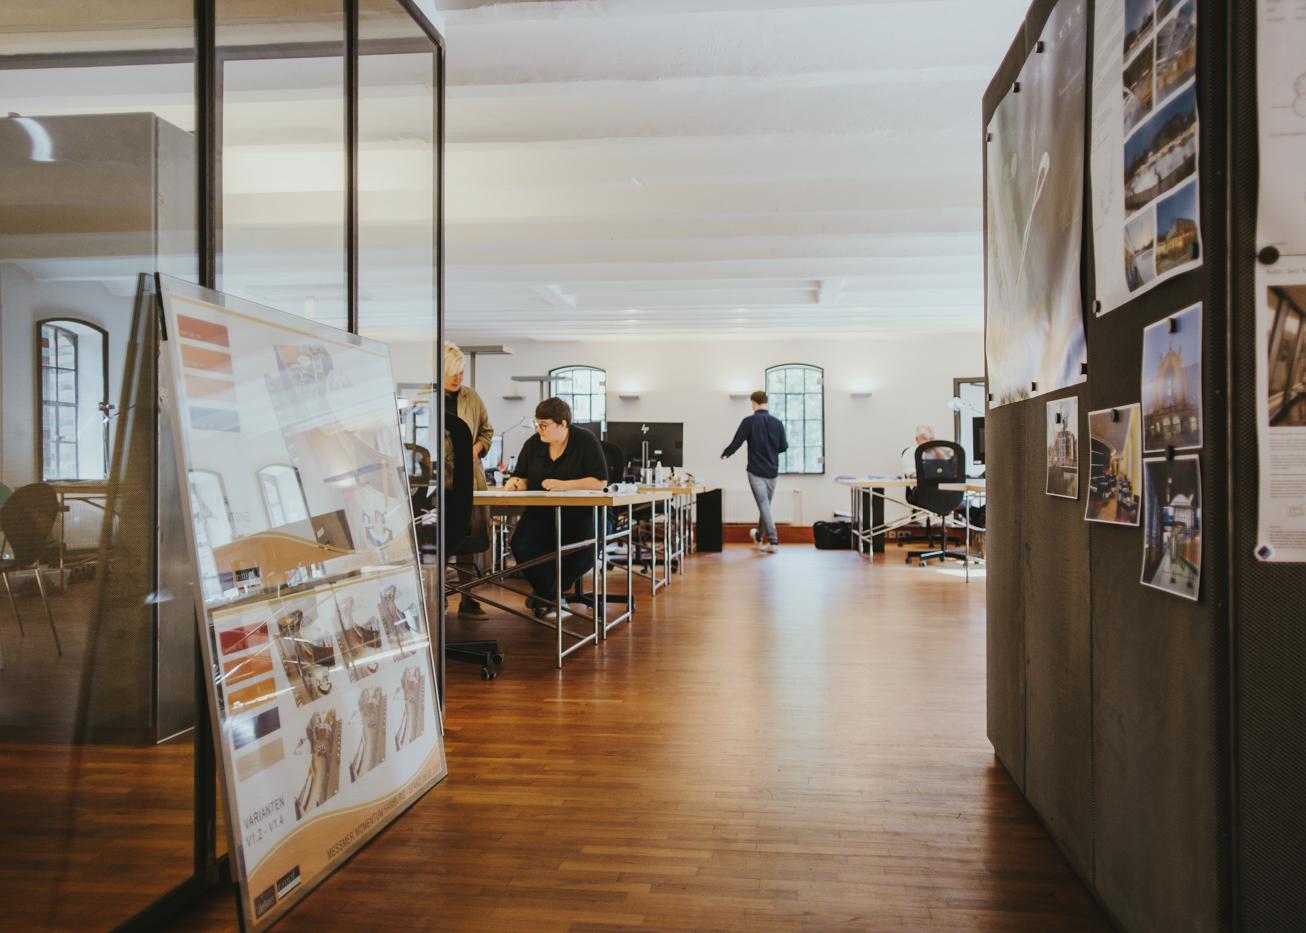 Einblick in das Architekturbüro von rimpf in der Hamburger Speicherstadt